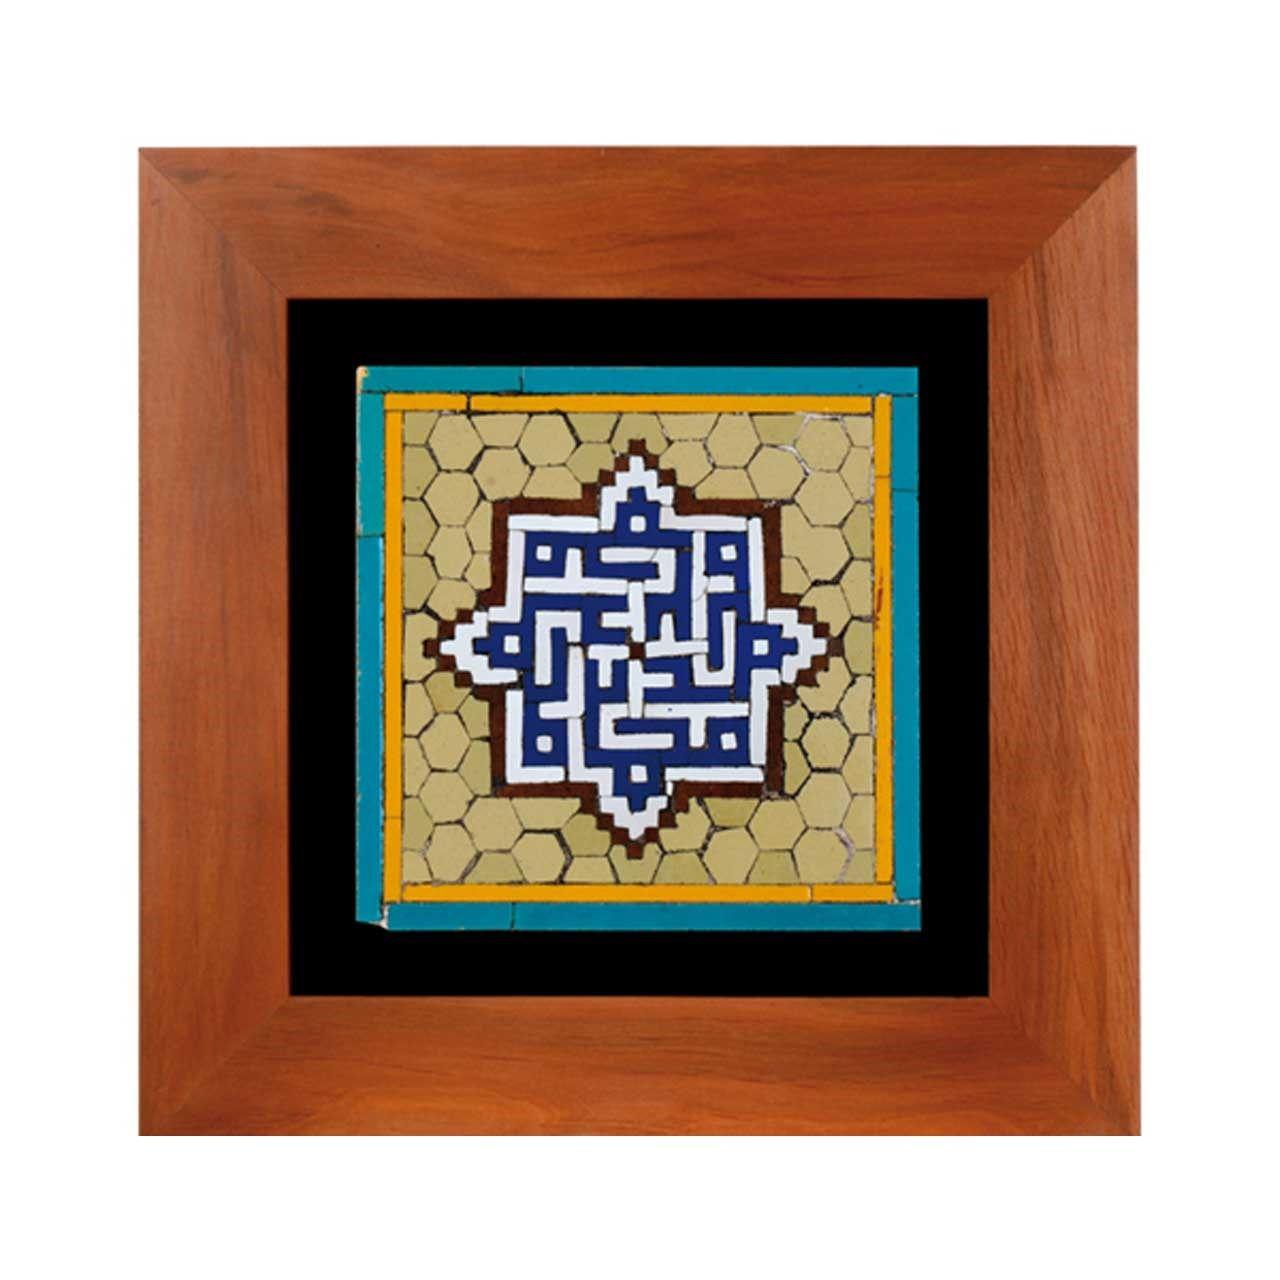 تابلو کاشی معرق سلام مجموعه اکسیر طرح محمد شش خانه